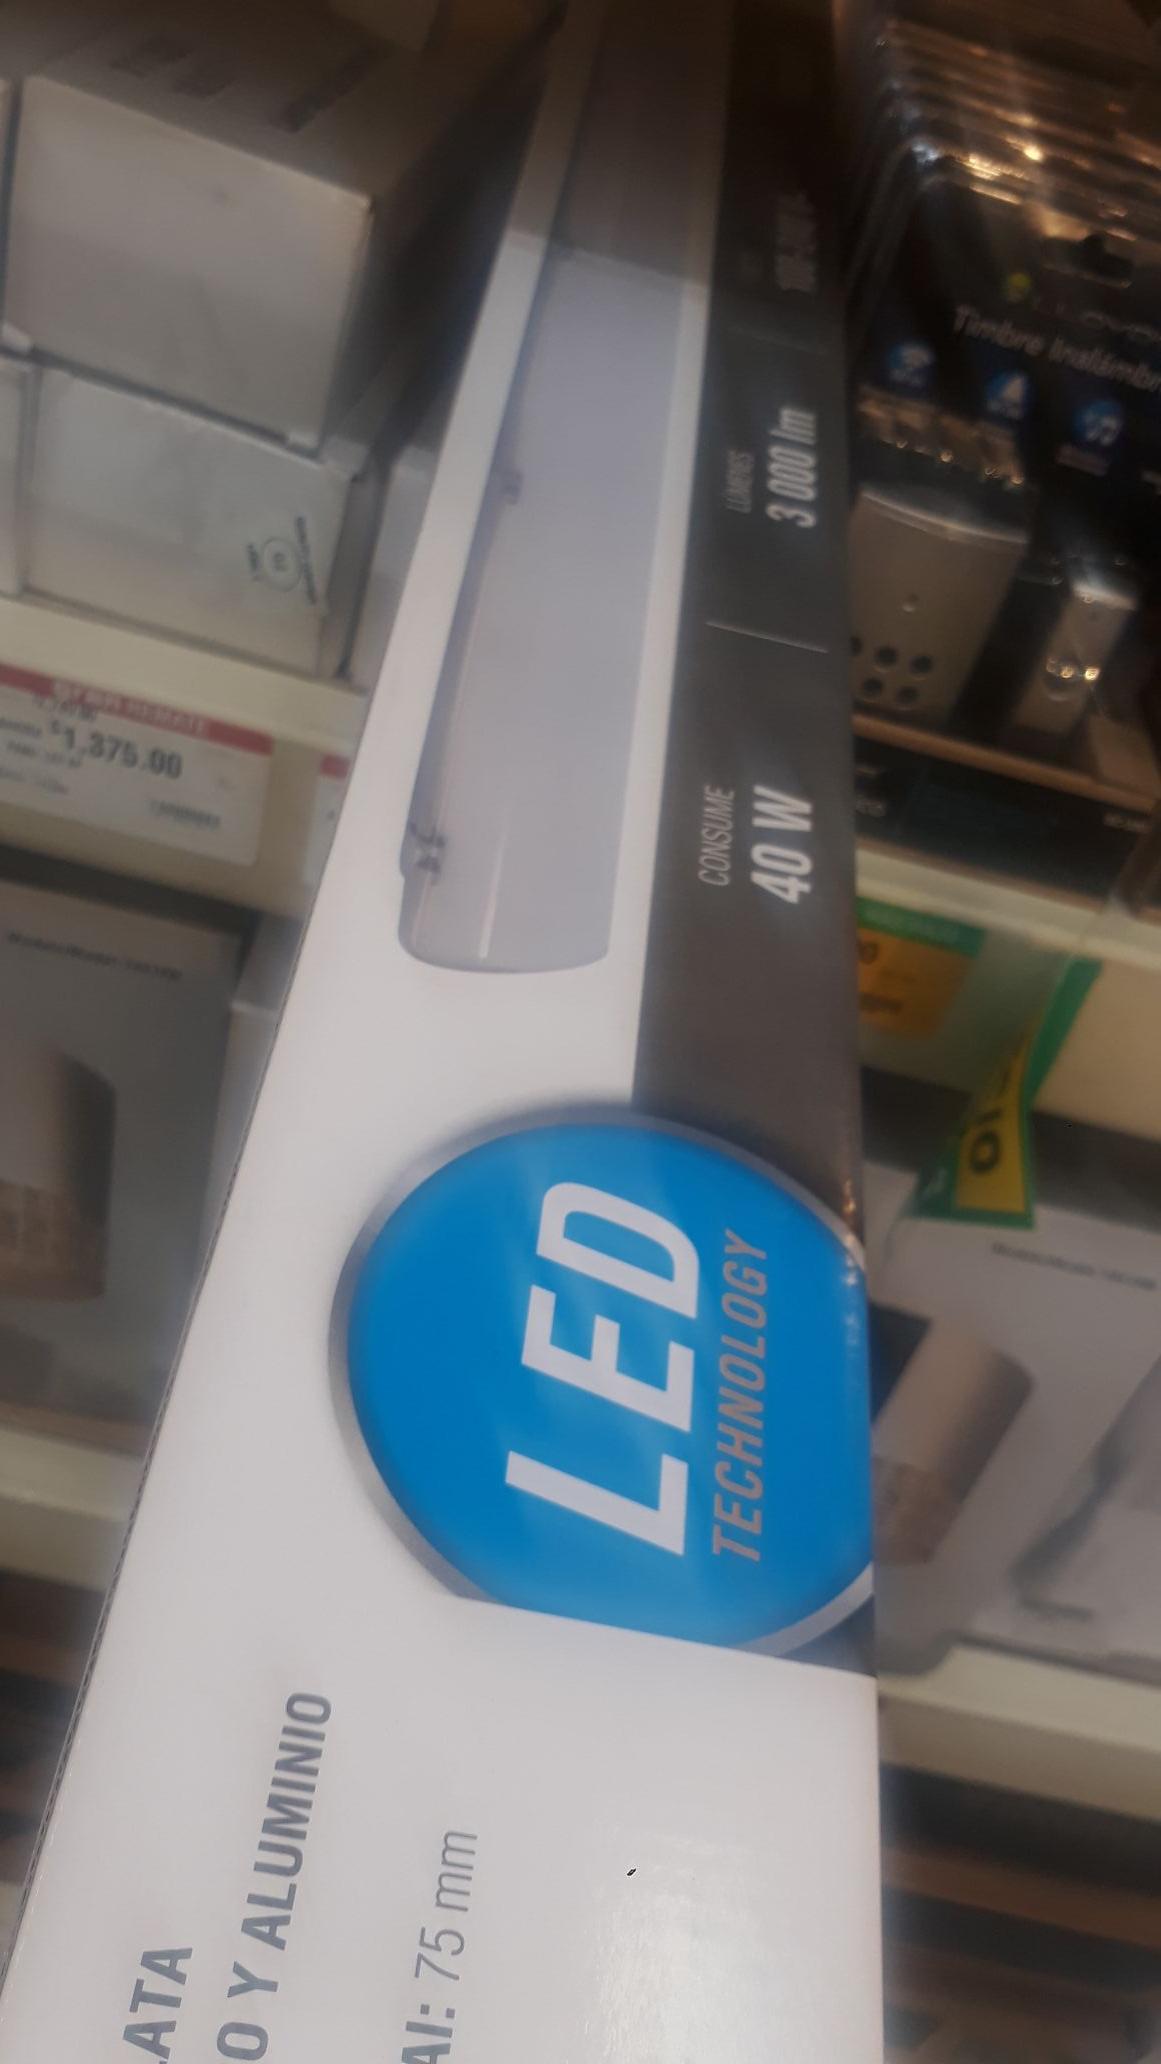 Home Depot  veracruz puerto: panel led y varios articulos de iluminacion con des